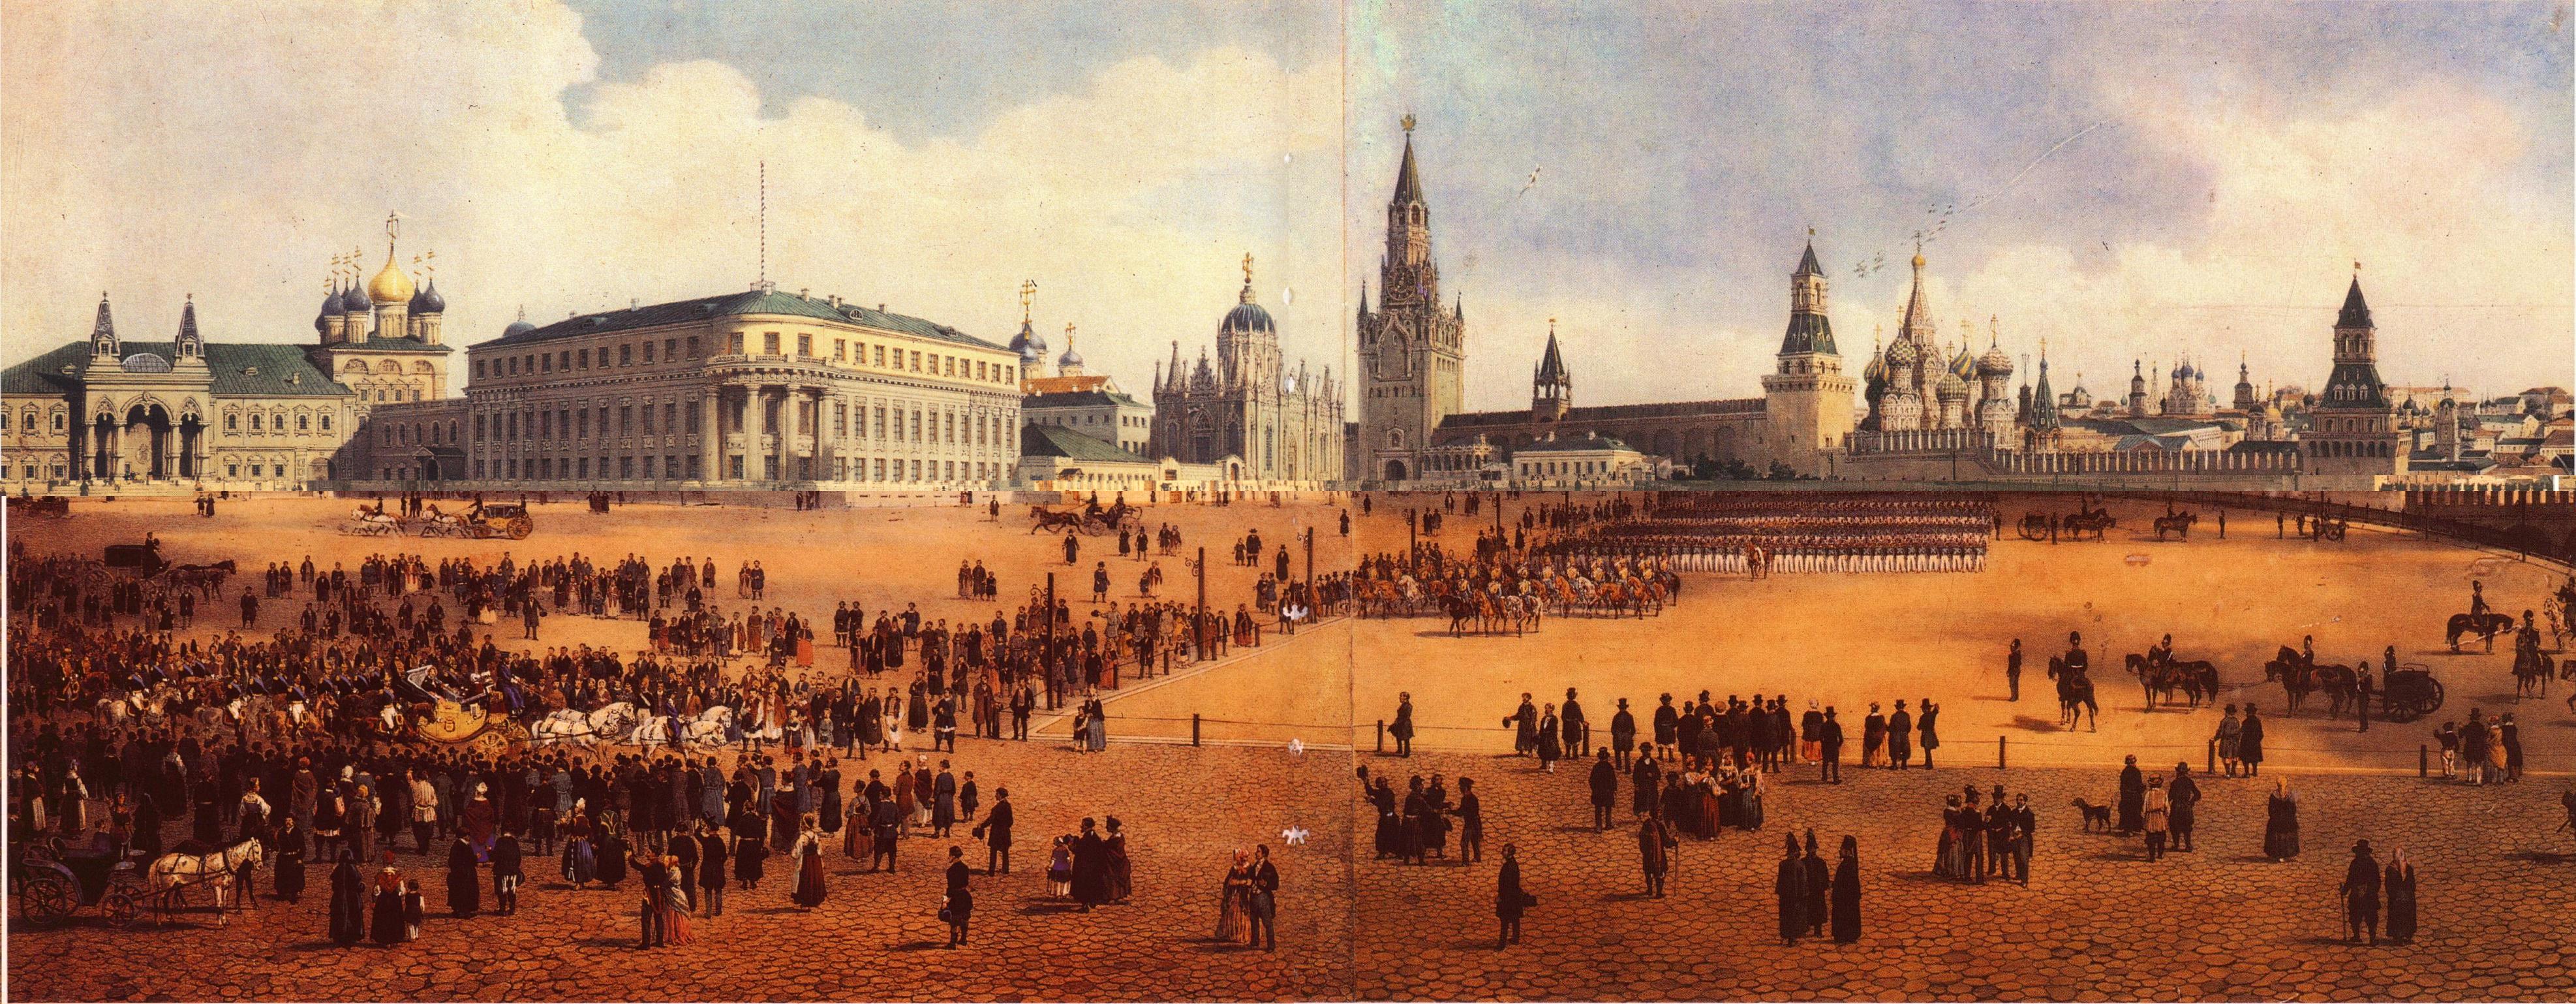 1850-е. Панорама Кремля и Замоскворечья от Тайницкой башни